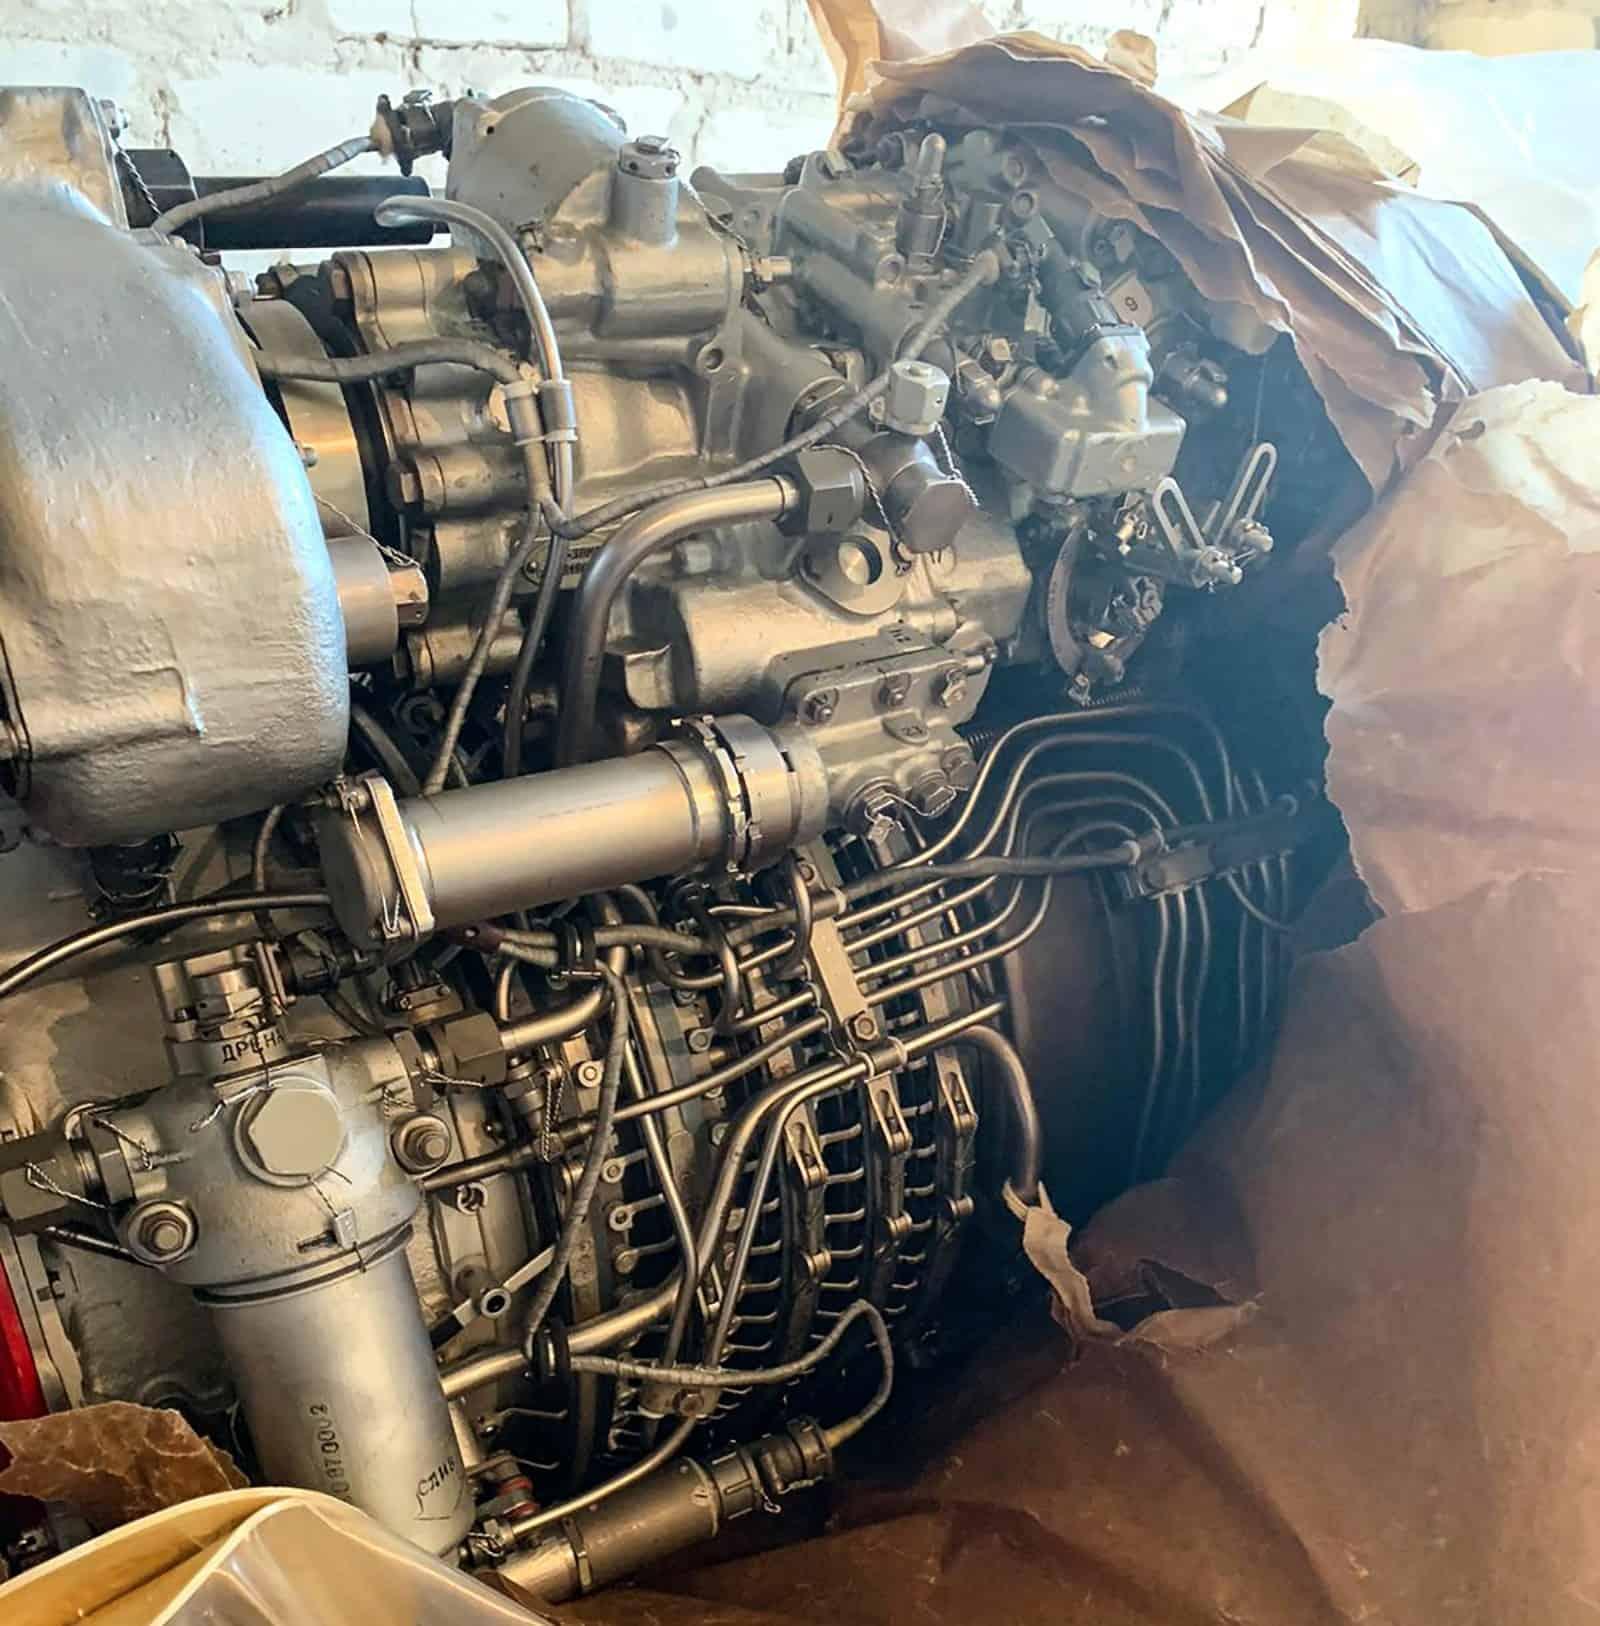 В України викрито розкрадання авіаційних комплектуючих. Фото з матеріалів СБУ. Листопад 2020